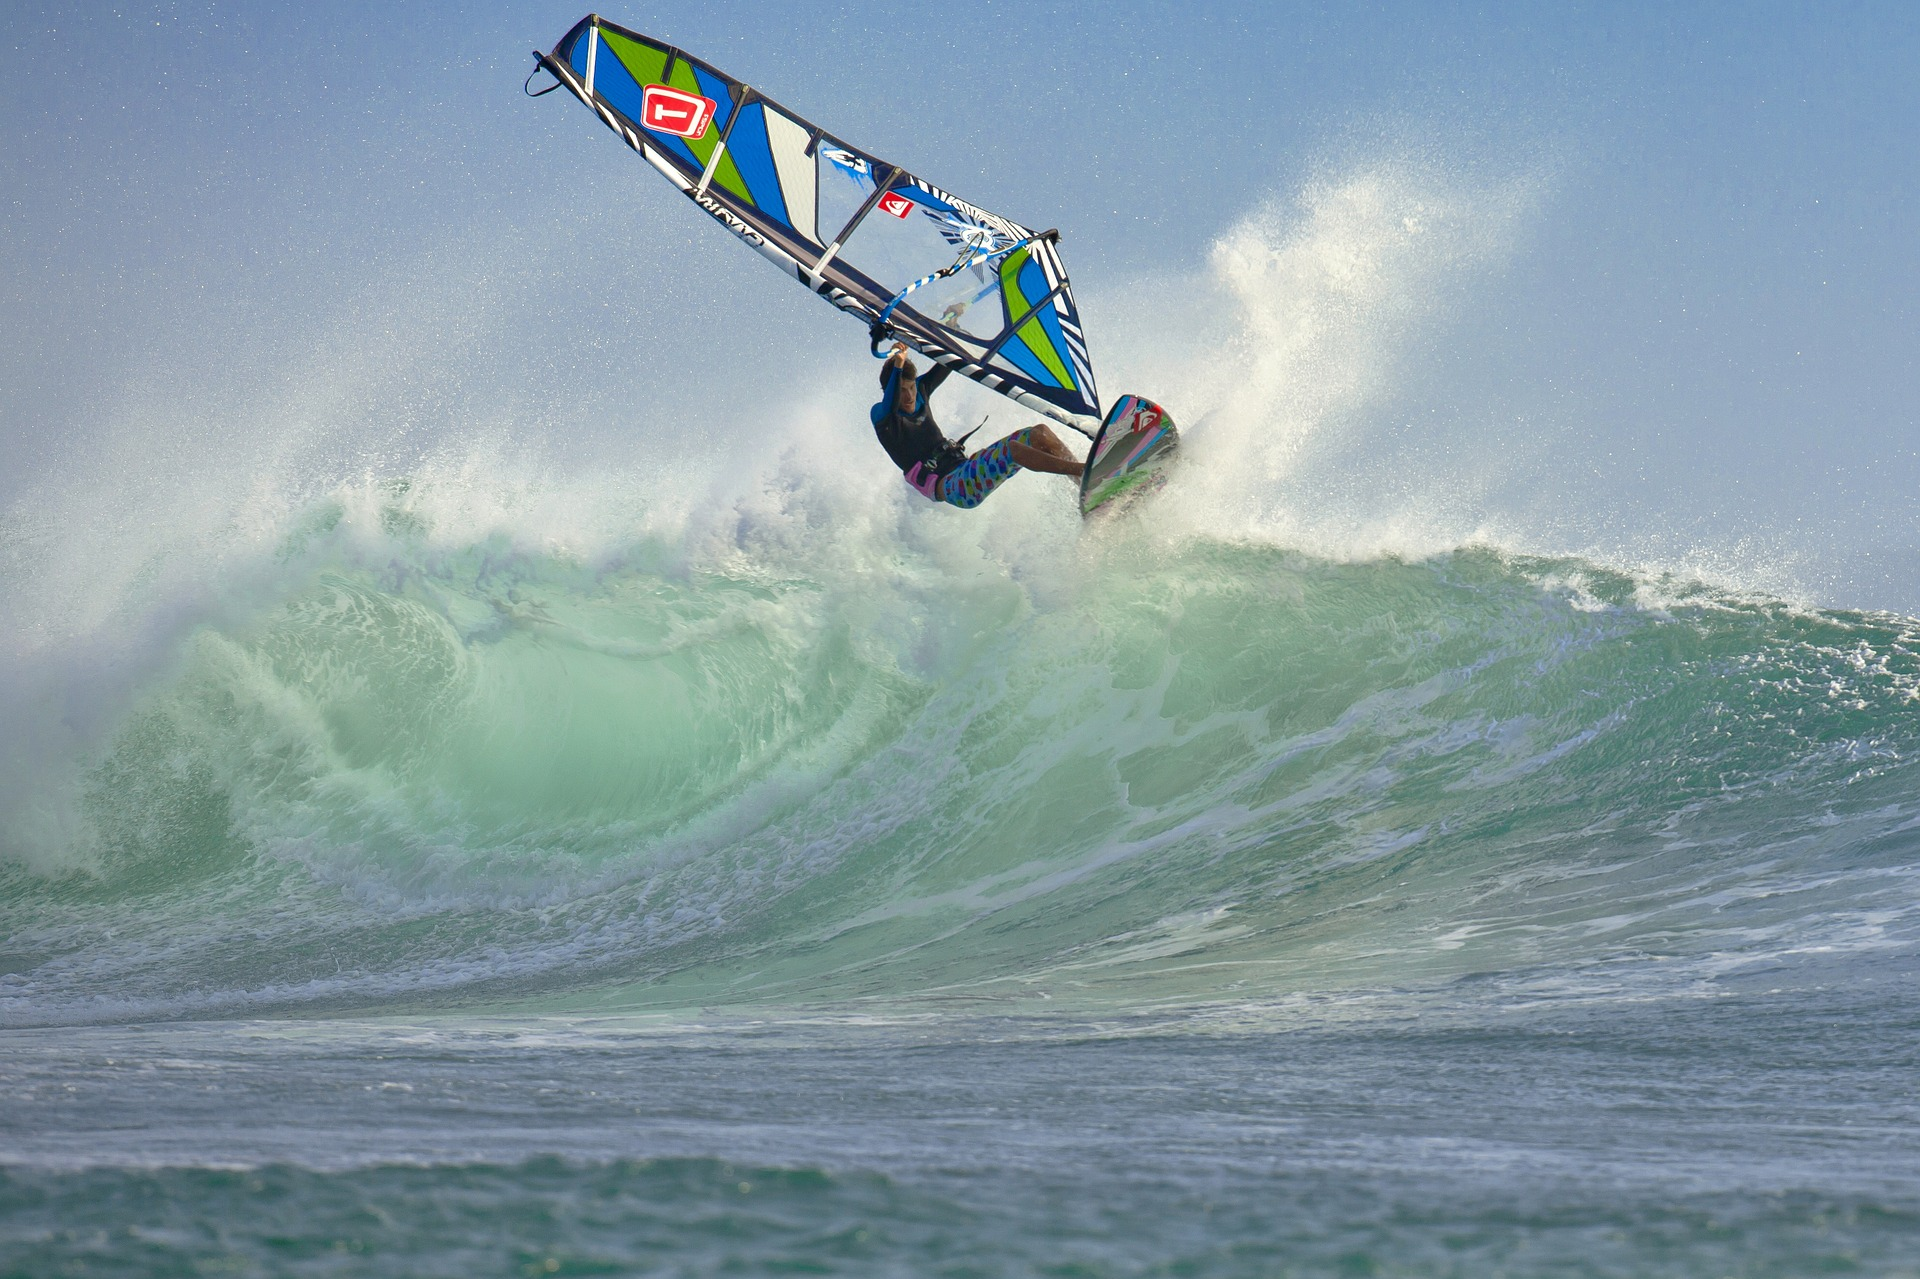 Dla 38 proc. preferowaną formą rozrywki są sporty wodne np. kajaki, skutery, windsurfing, przejażdżki łodziami motorowodnymi czy rejsy żaglówkami. (Fot. Pixabay)